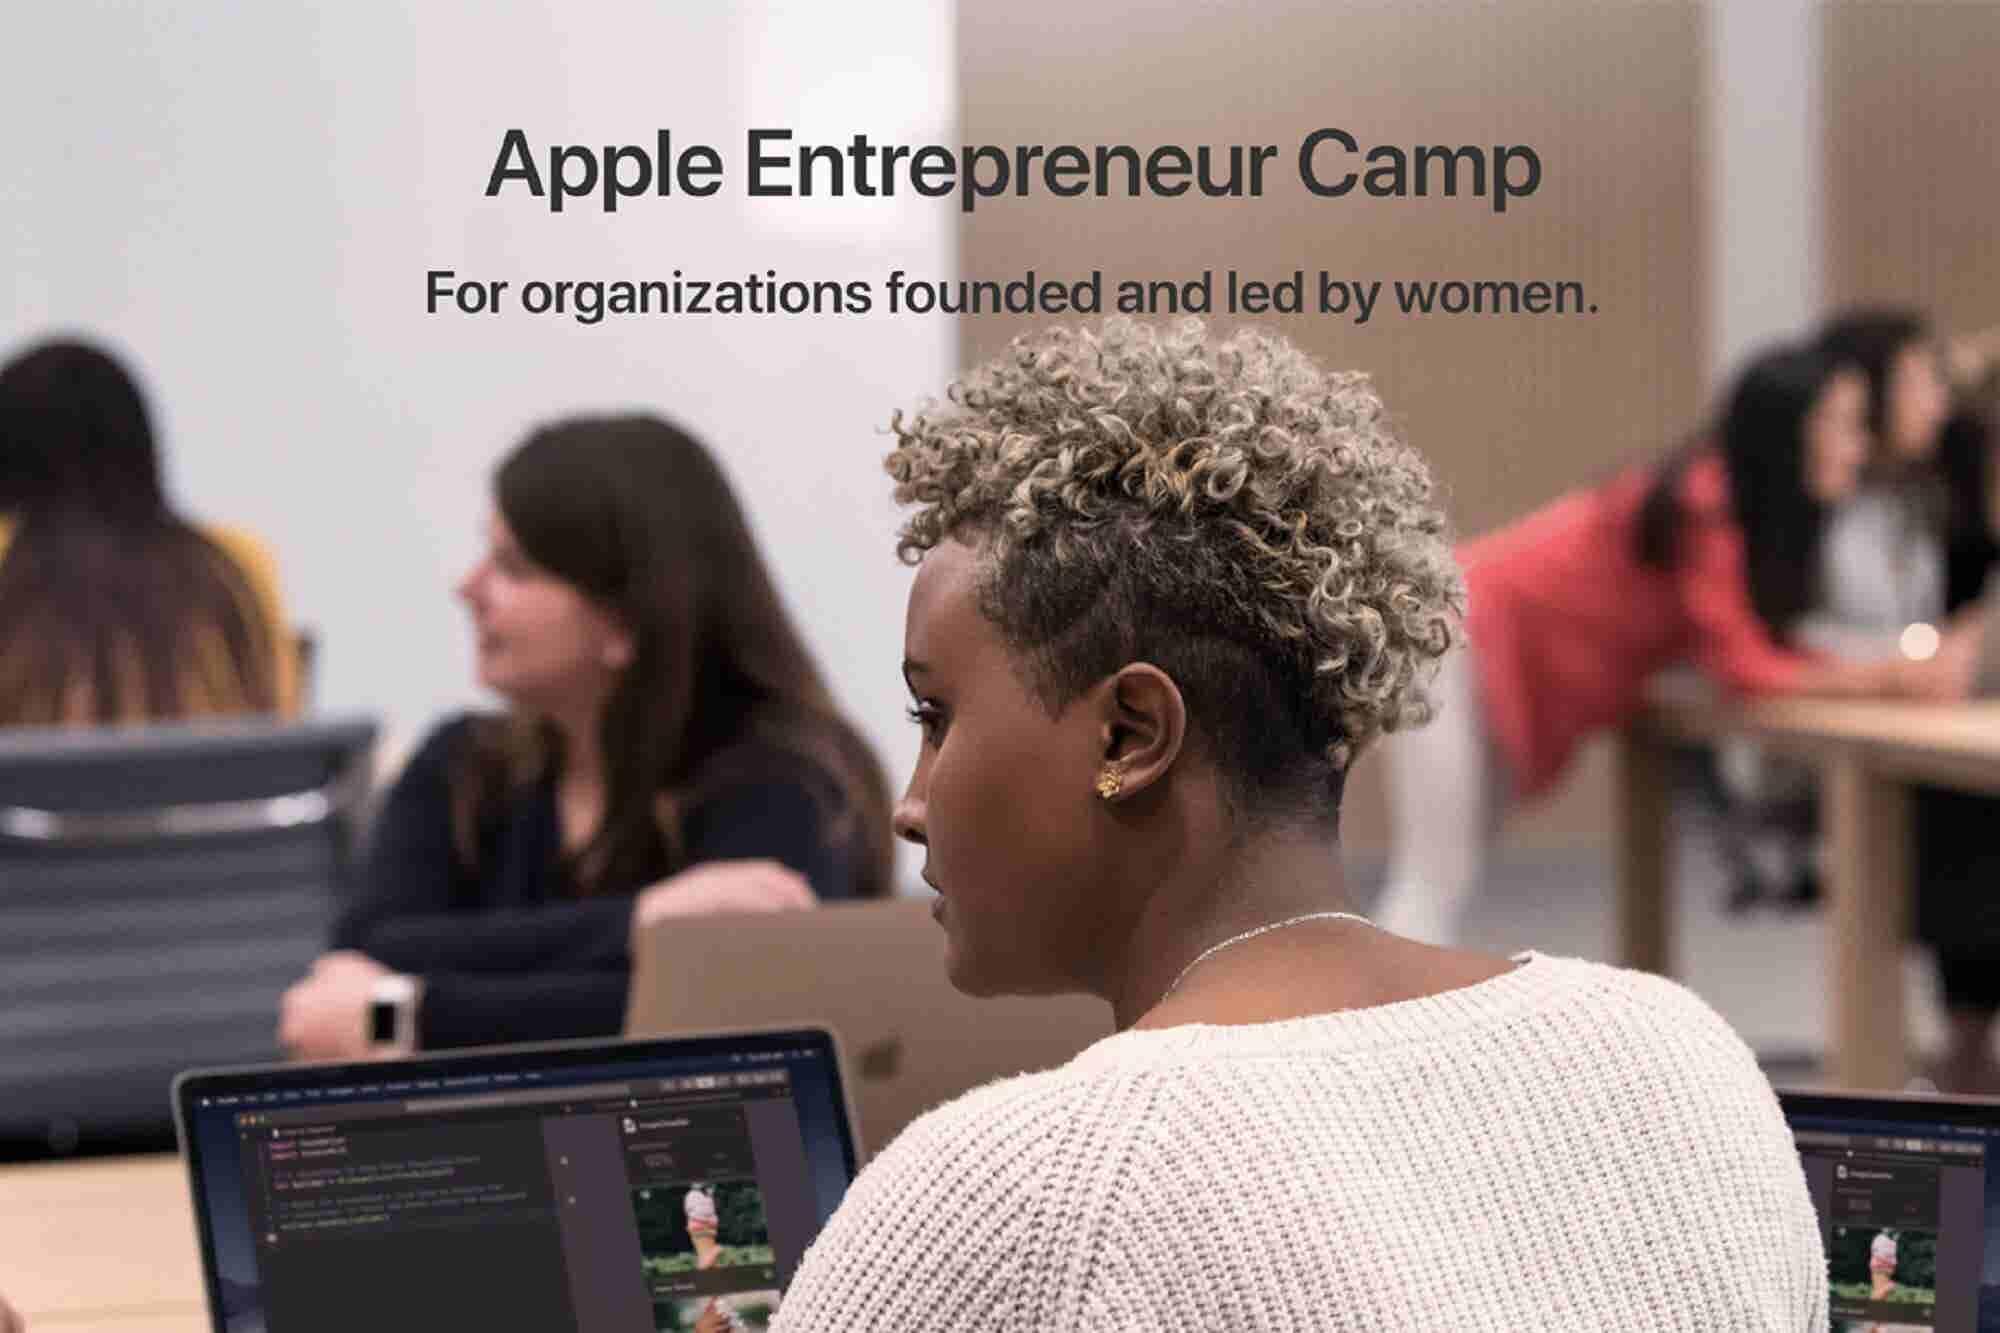 Techie Tuesdays: Apple's Entrepreneur Camp for Women & Facebook's Spooky Surprise